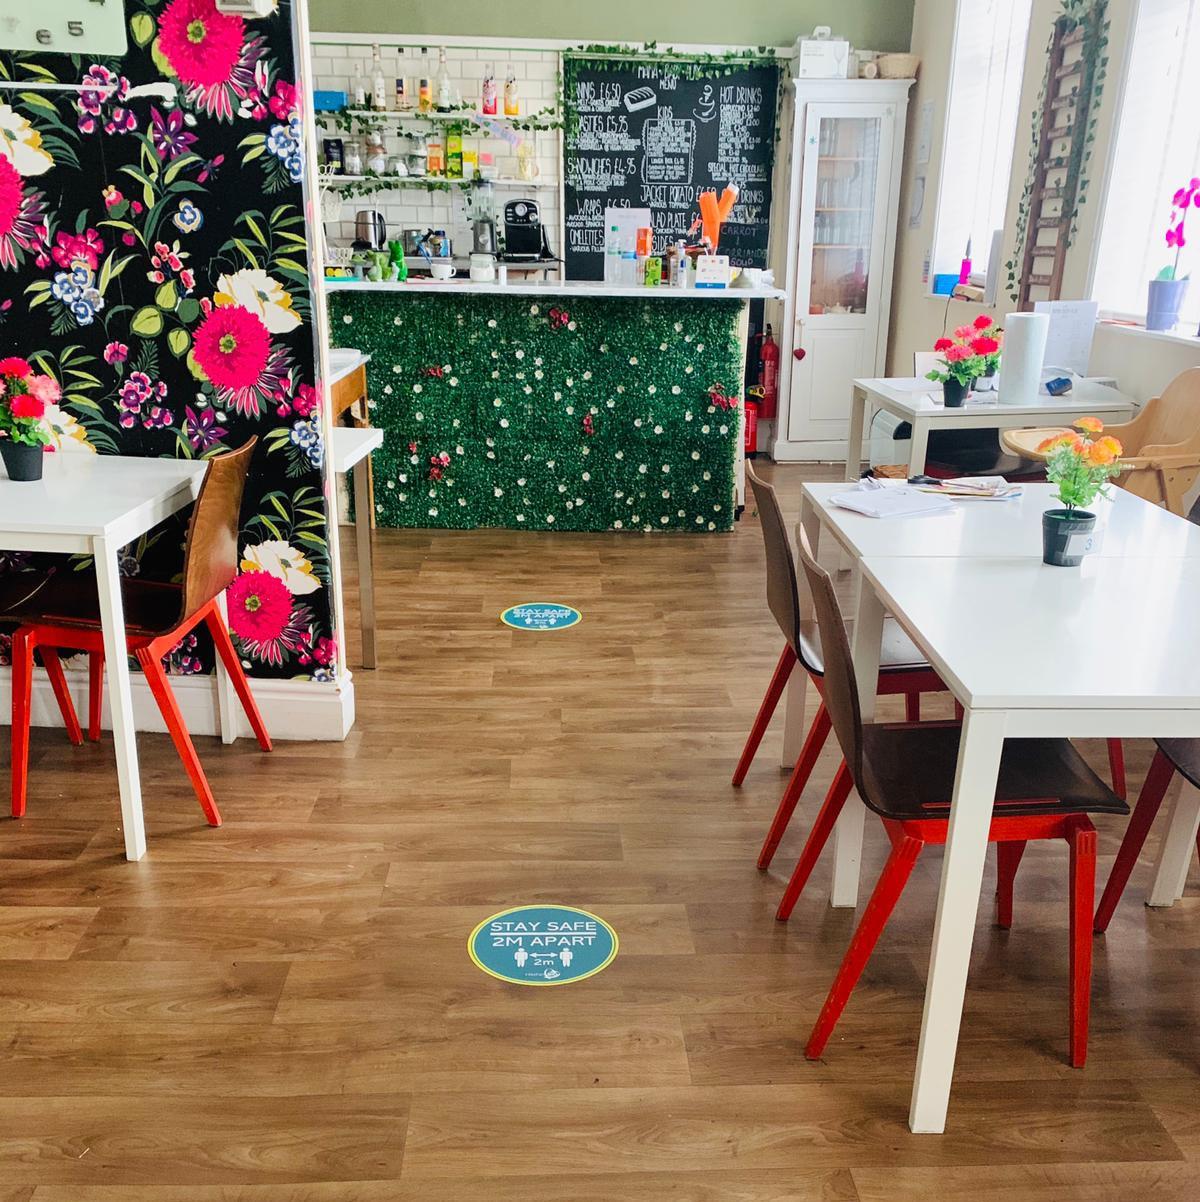 Café, play and sensory room